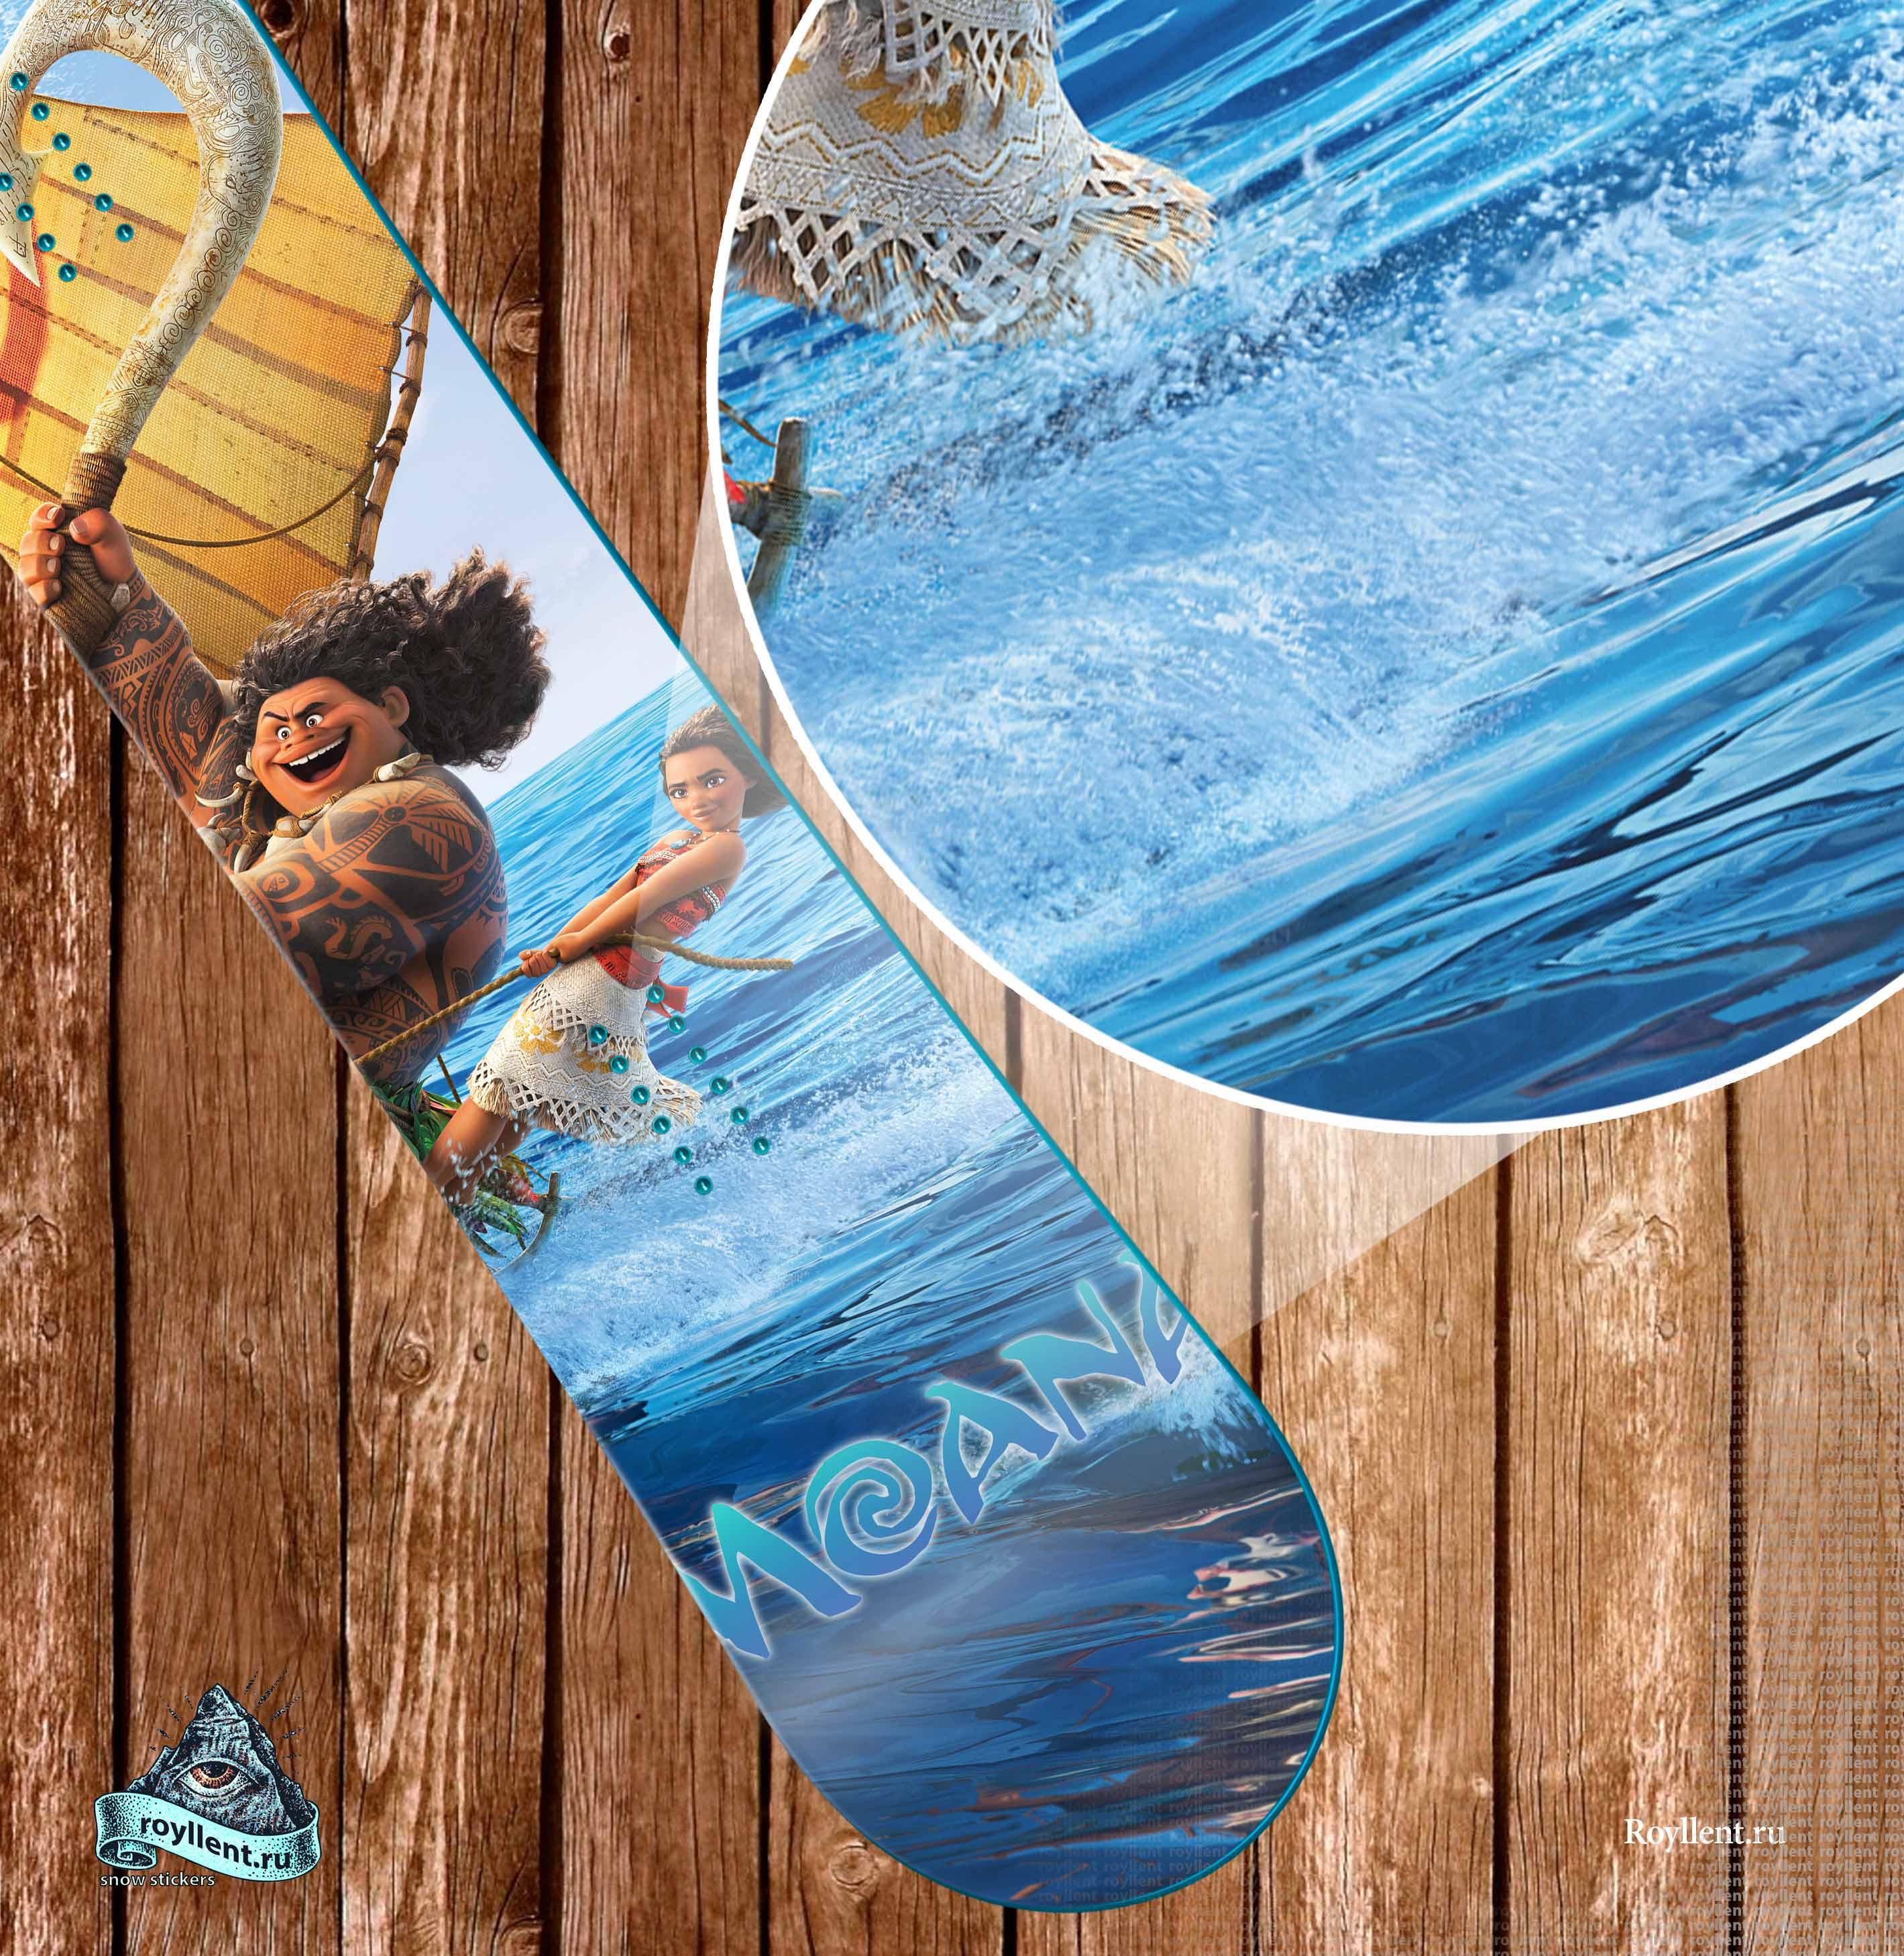 Детская наклейка на сноуборд доску мультфильм моана